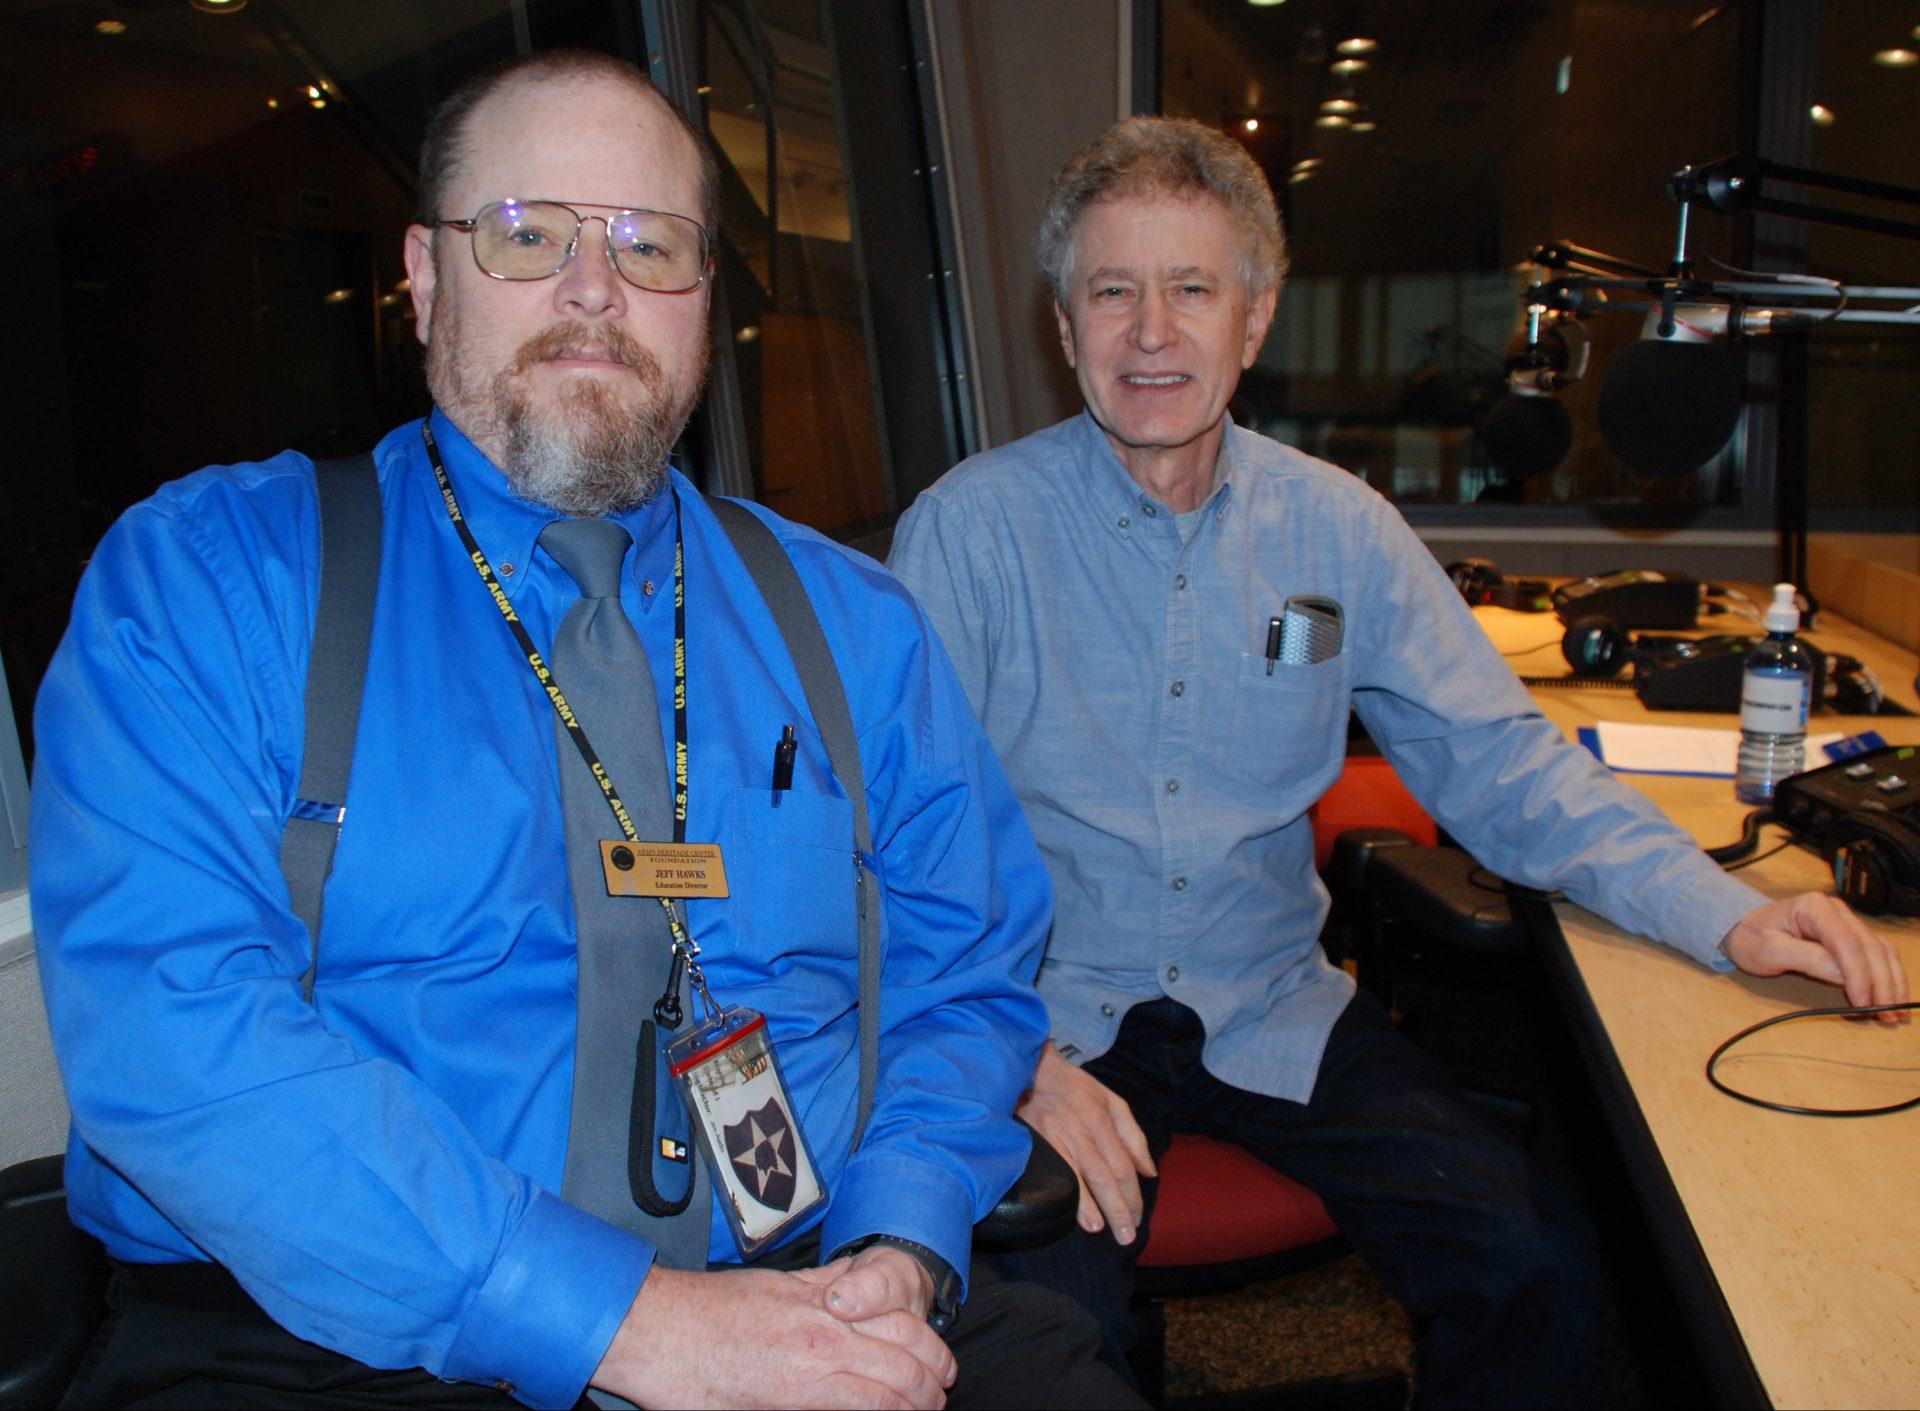 Neil Leifert and Jeff Hawks appear on Smart Talk on January 28, 2020.